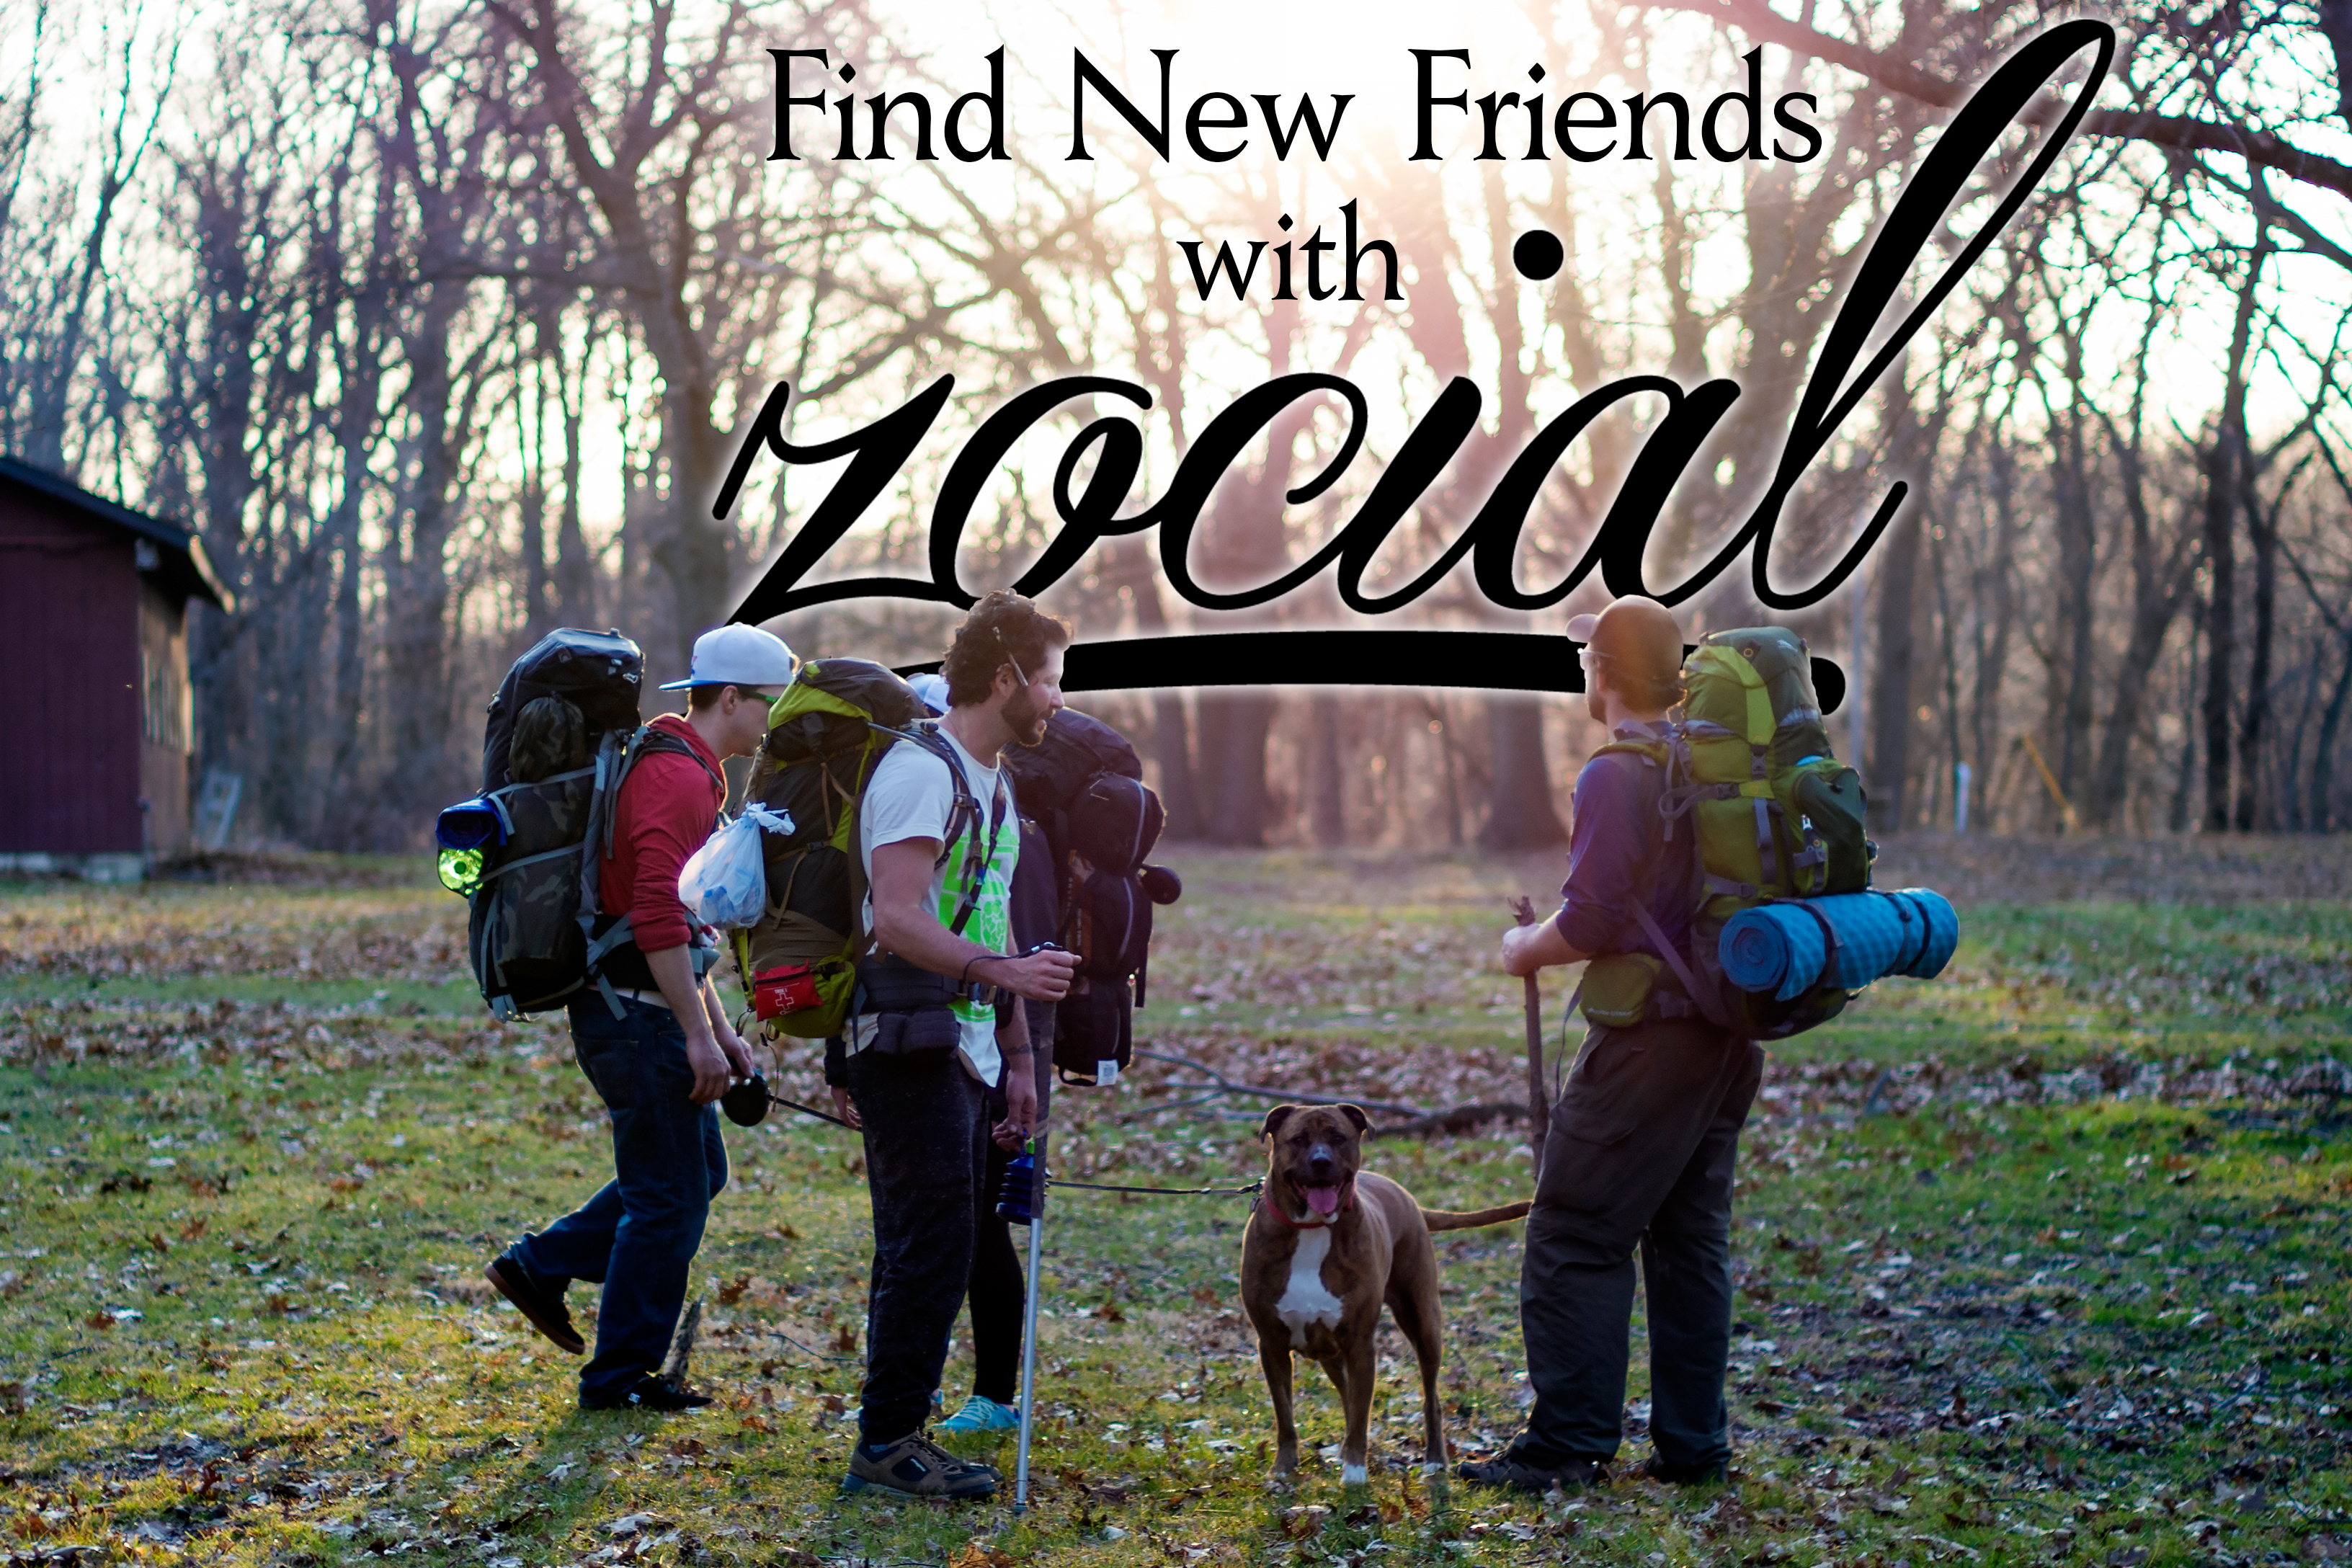 Zocial Social Media 7